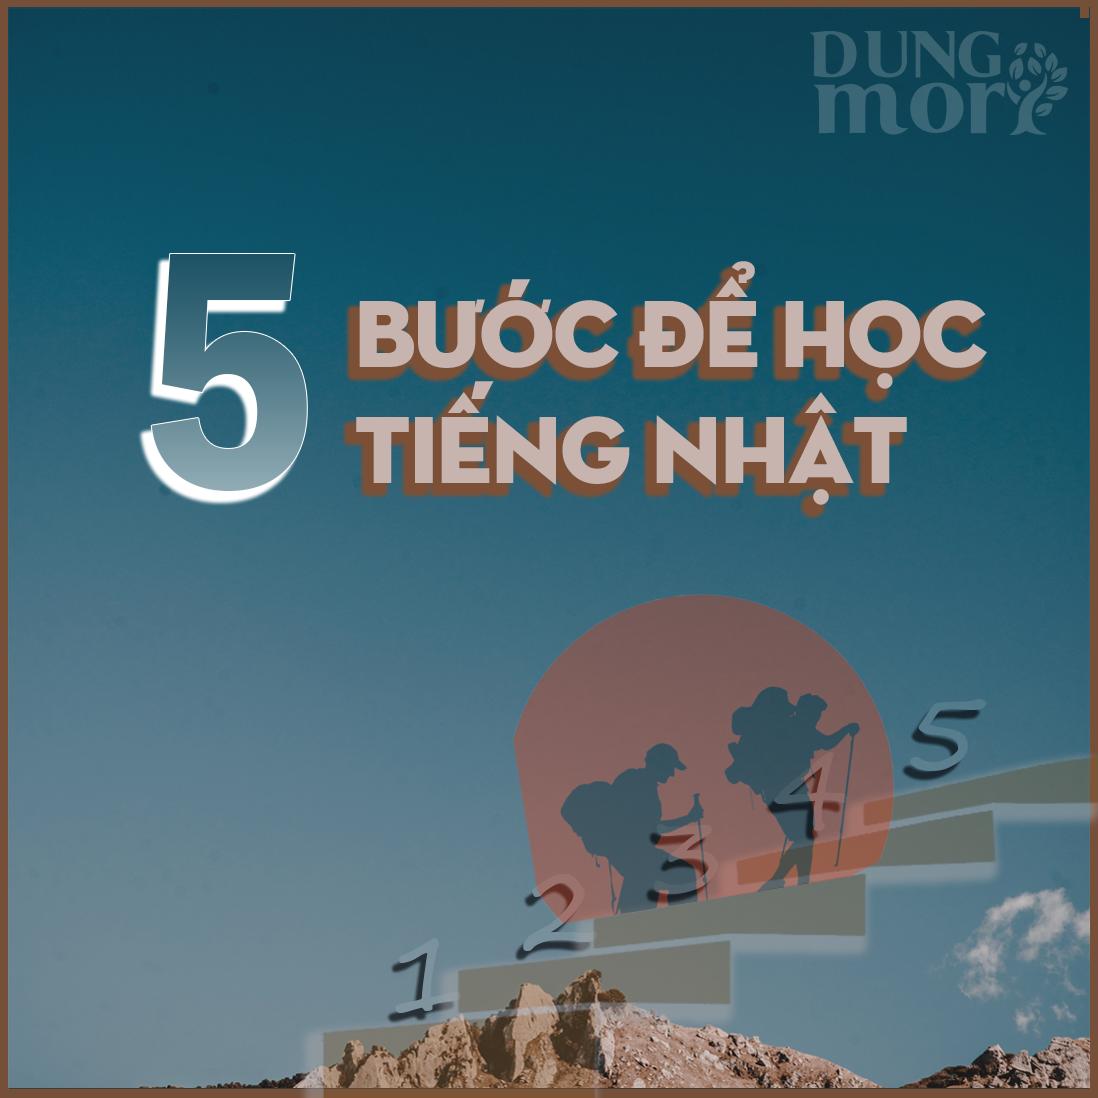 5 bước để bắt đầu học tiếng Nhật tại Dungmori